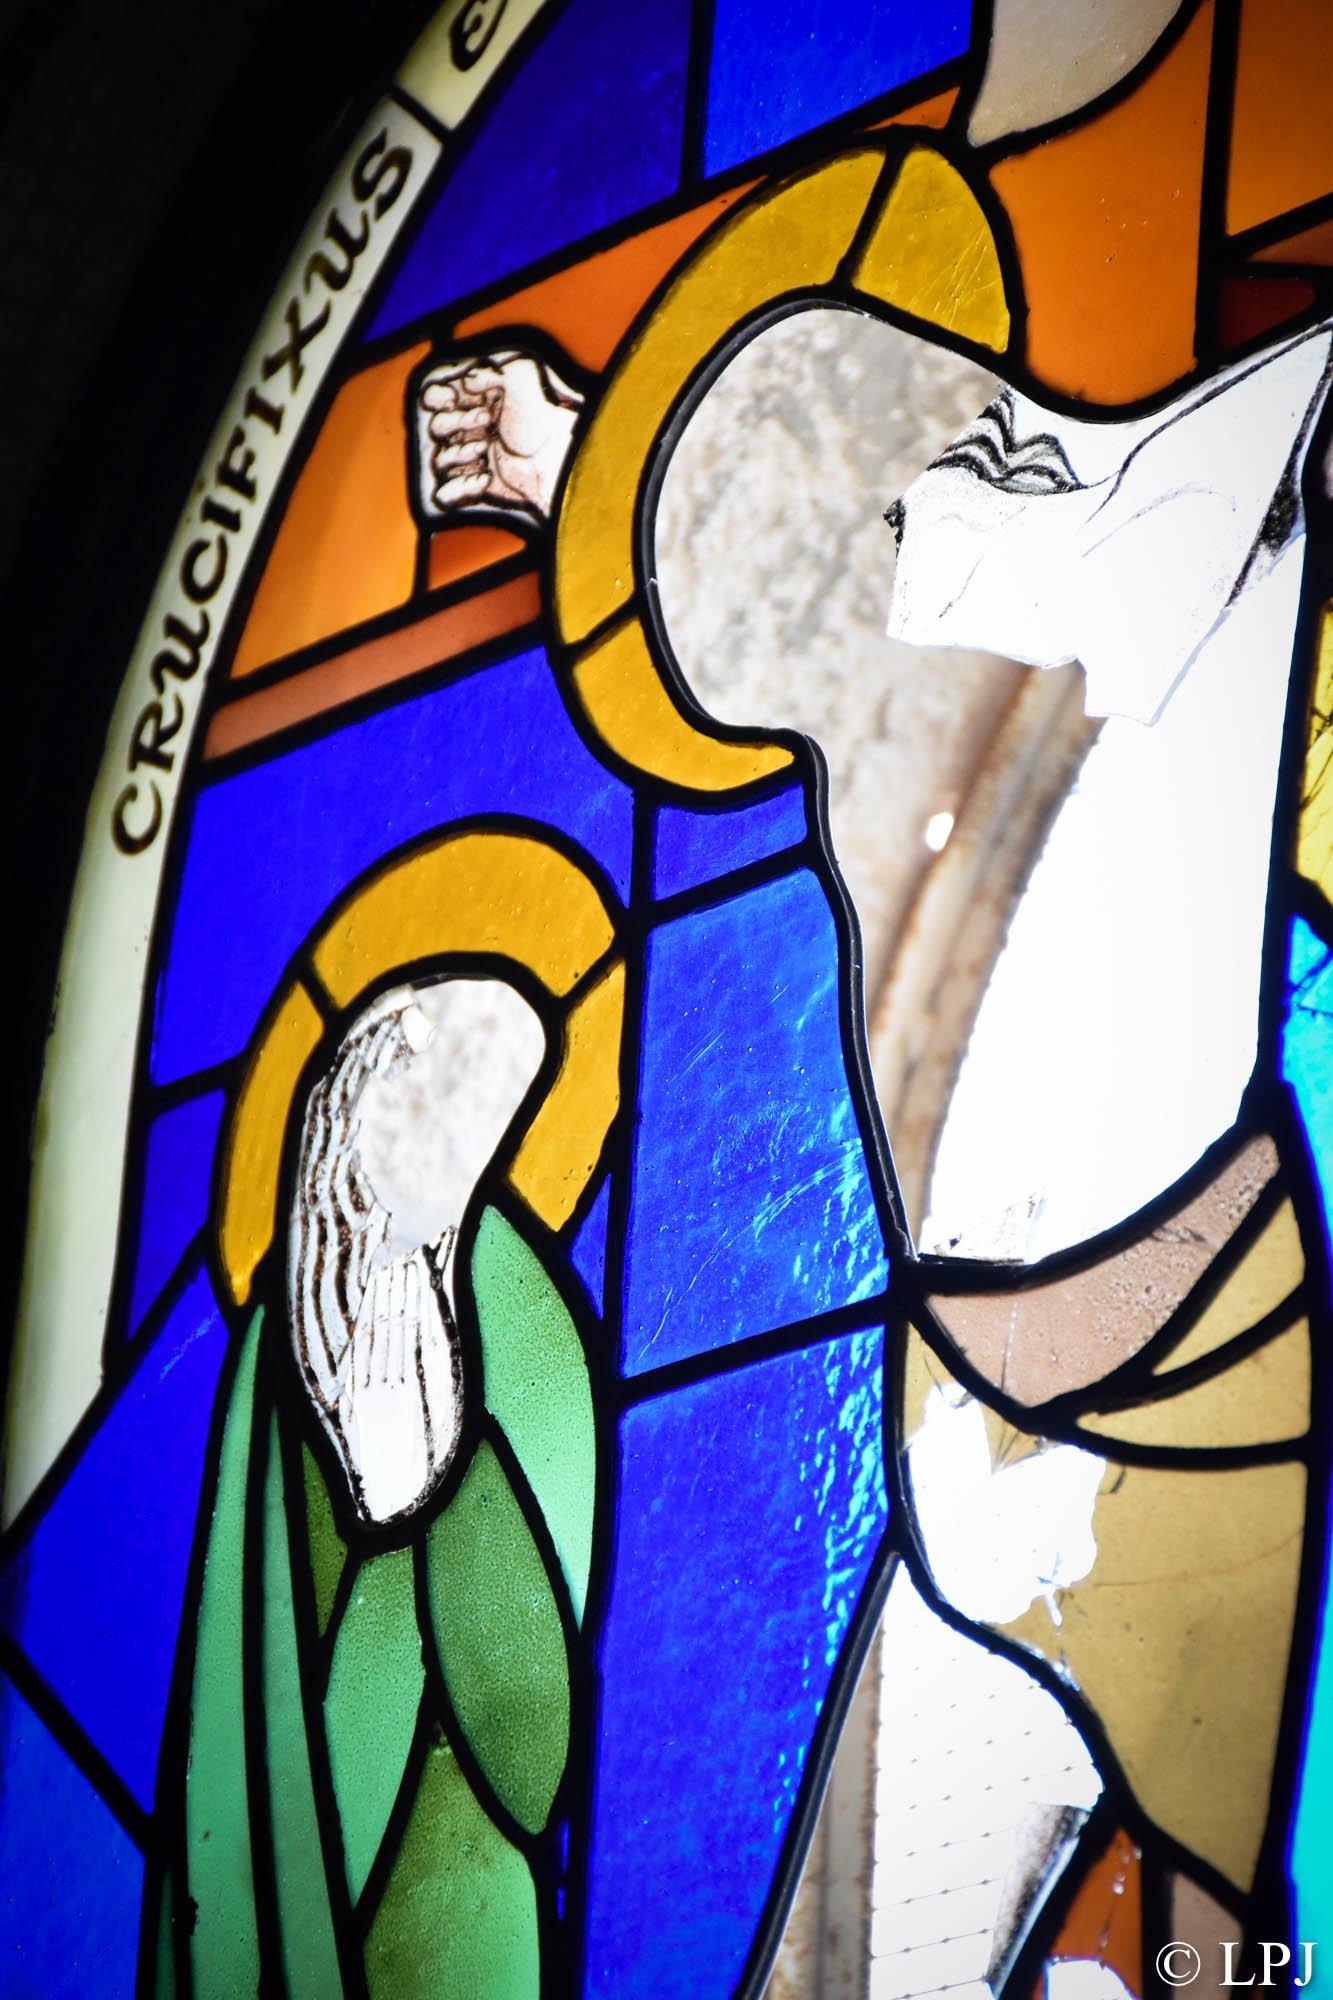 استنكار ومطالبة حول الاعتداء على كنيسة في بيت جمال